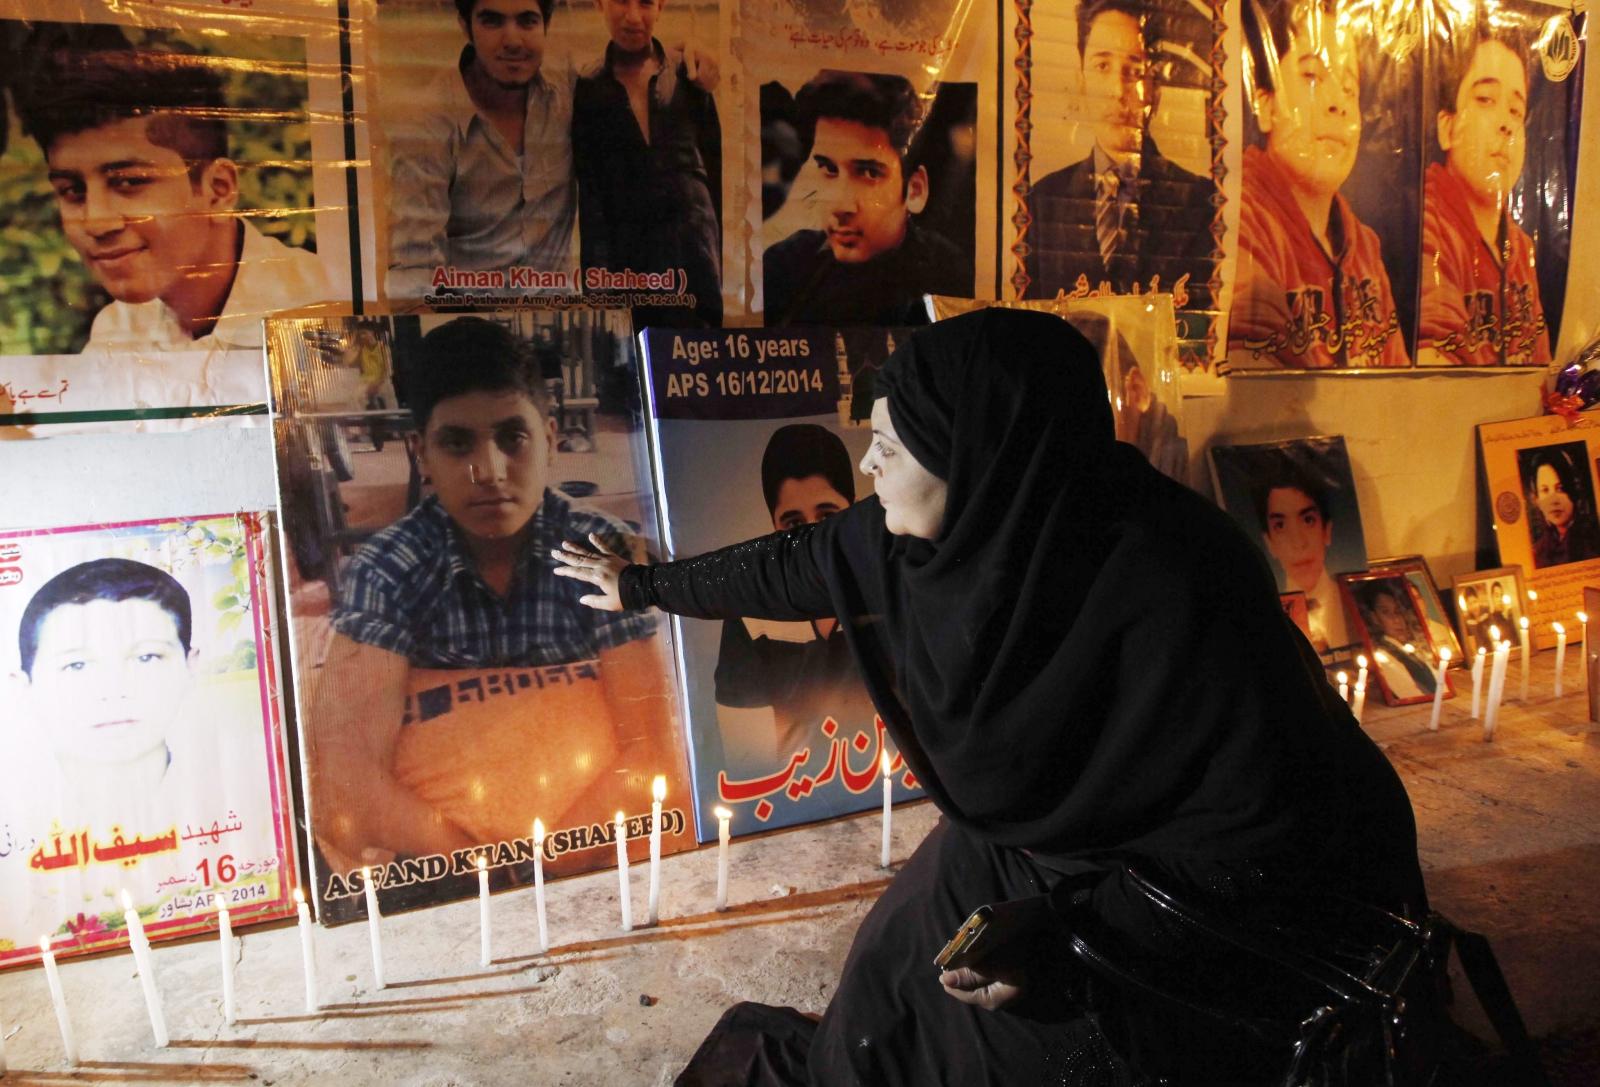 Druga rocznica ataku na szkołę w Peshawar w Pakistanie, gdzie zginęło ok. 150 dzieci. EPA/ARSHAD ARBAB